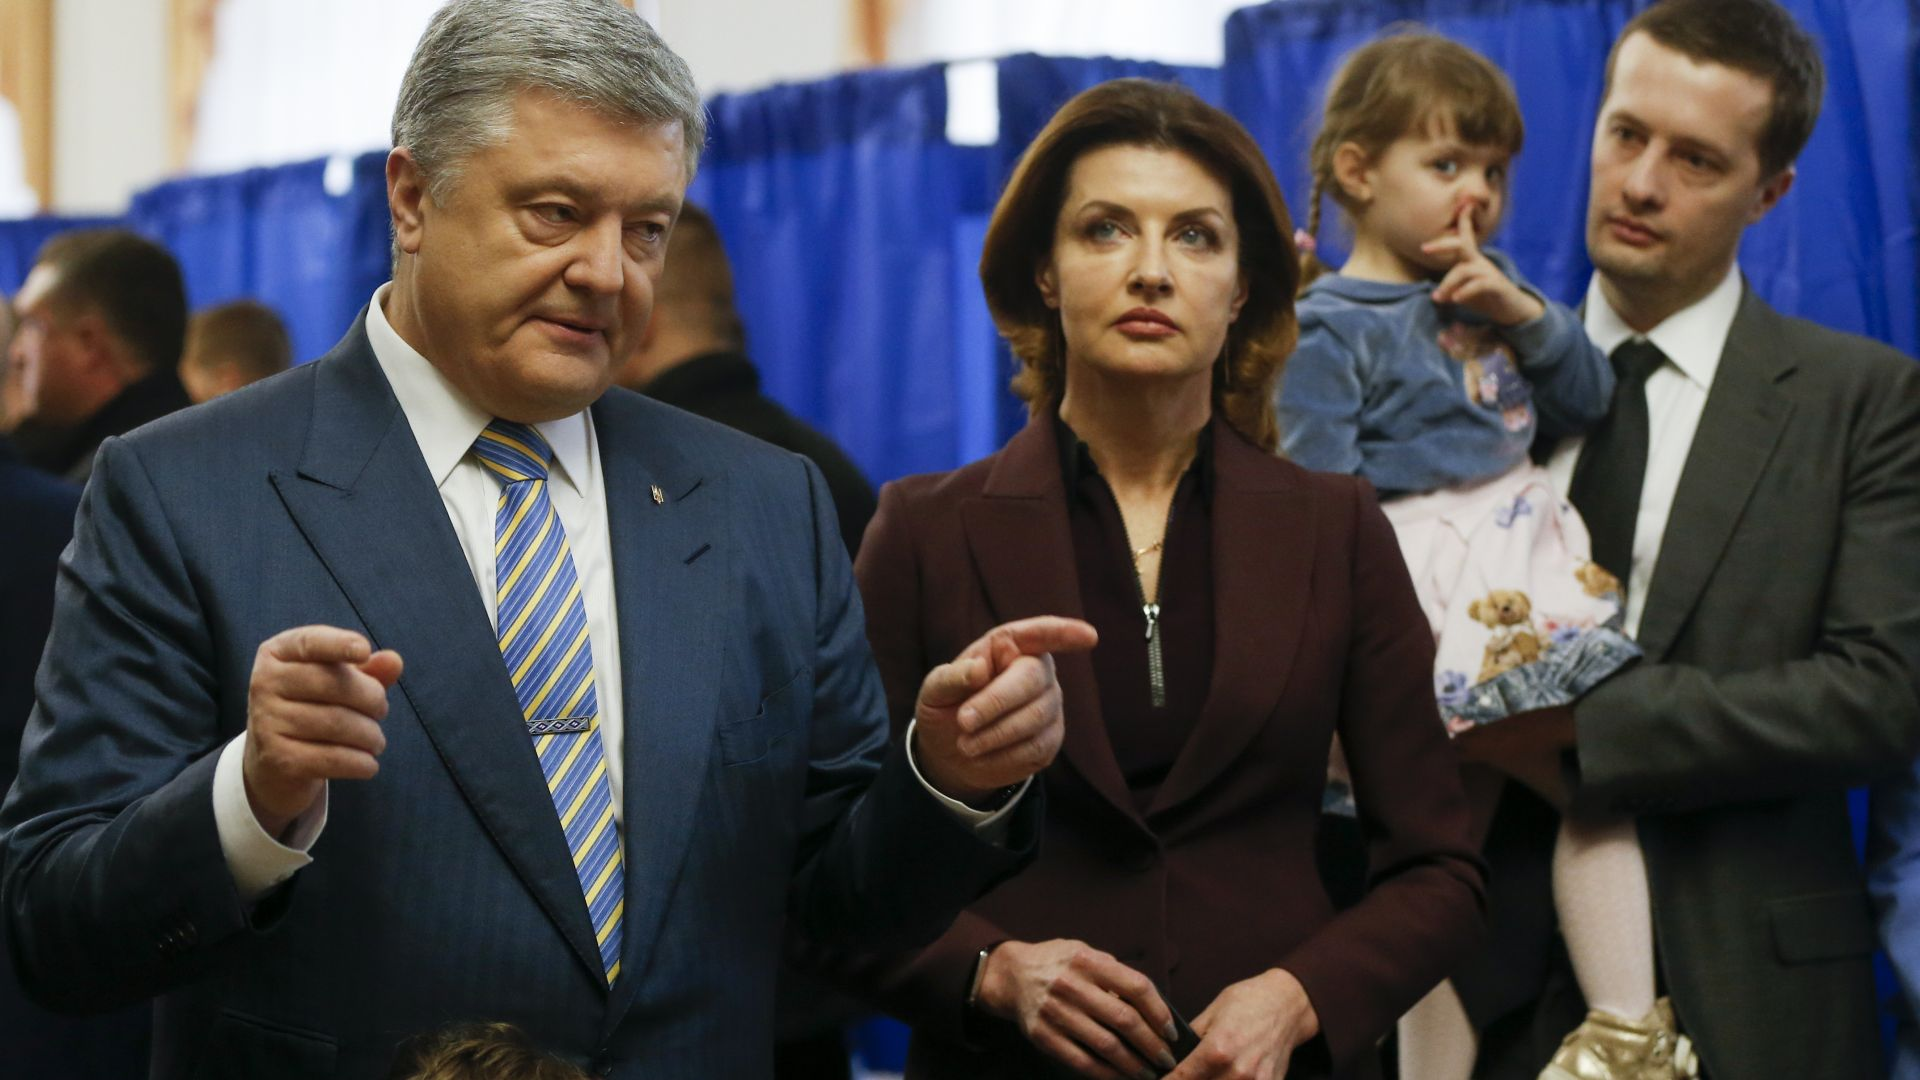 Държавното бюро за разследвания (ДБР) на Украйна работи по осем